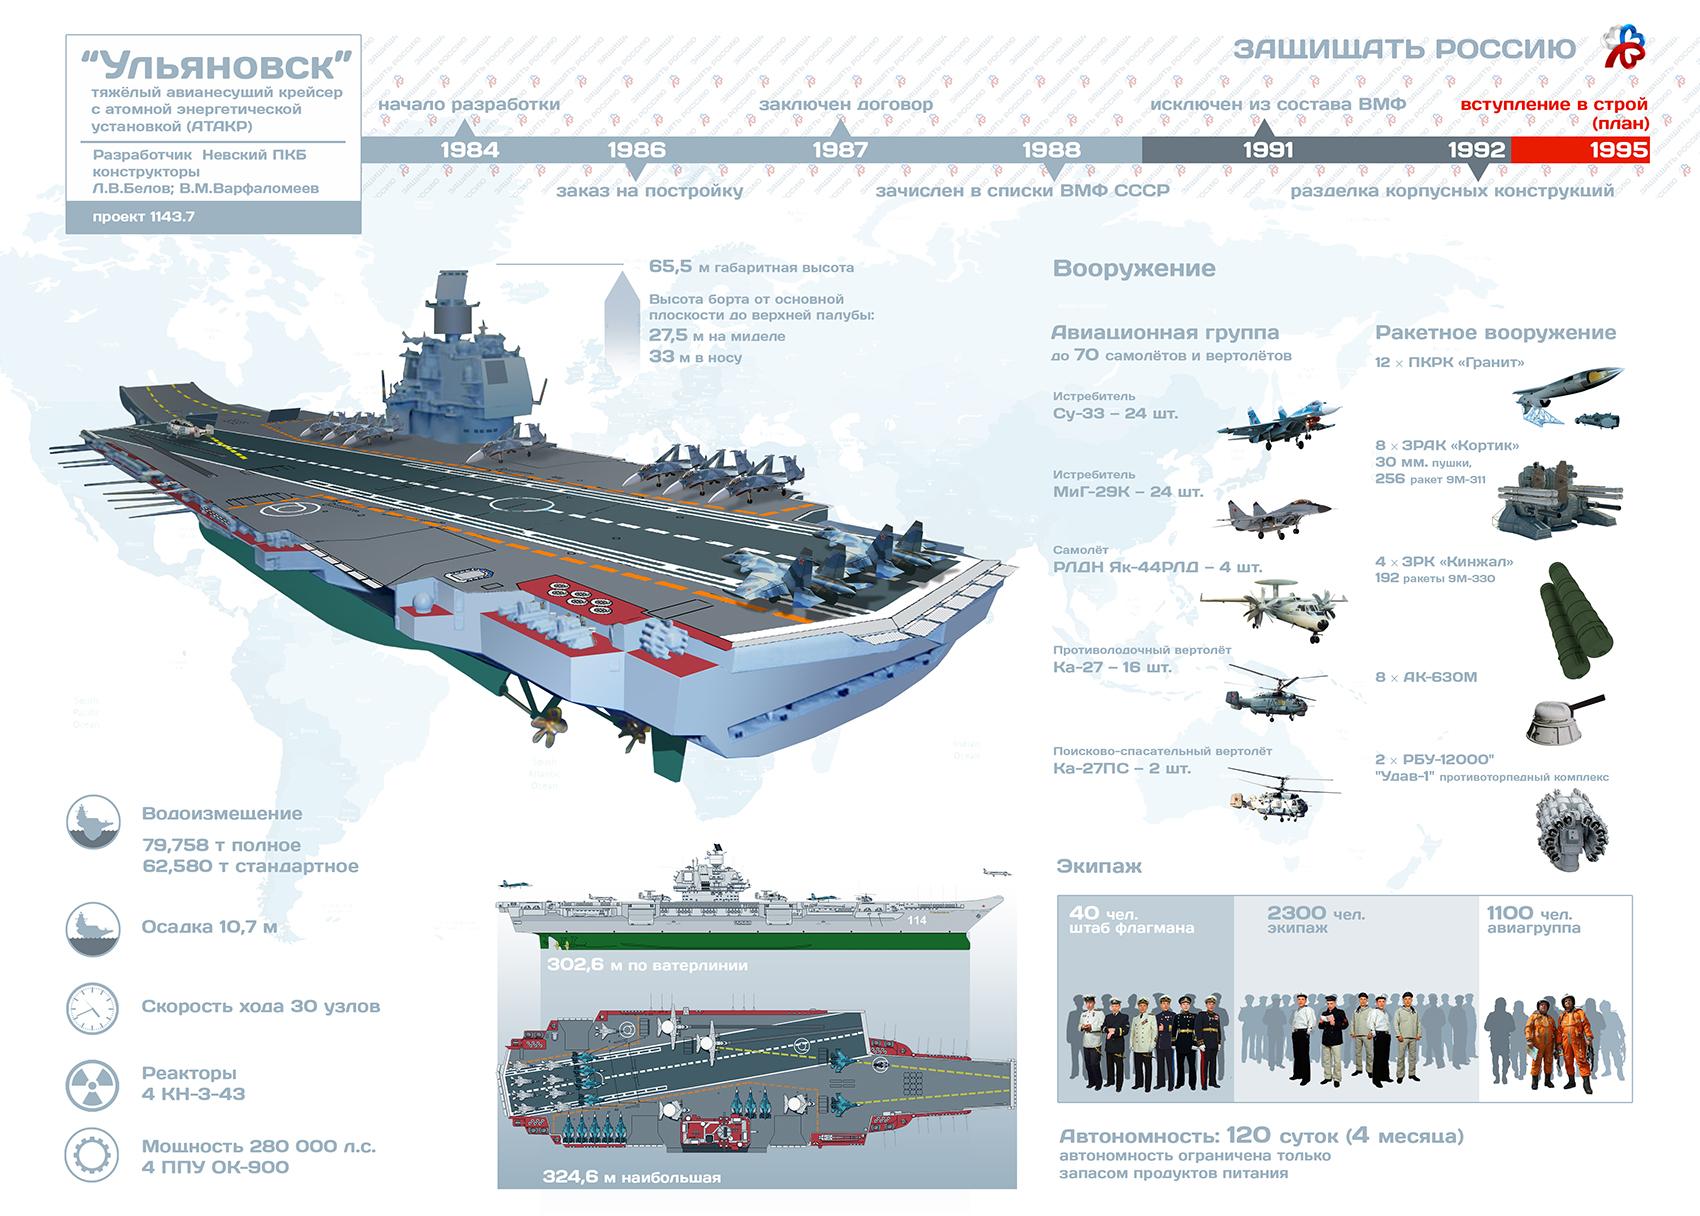 Meet the Ulyanovsk: Russia's 85,000 Ton Monster Aircraft Carrier